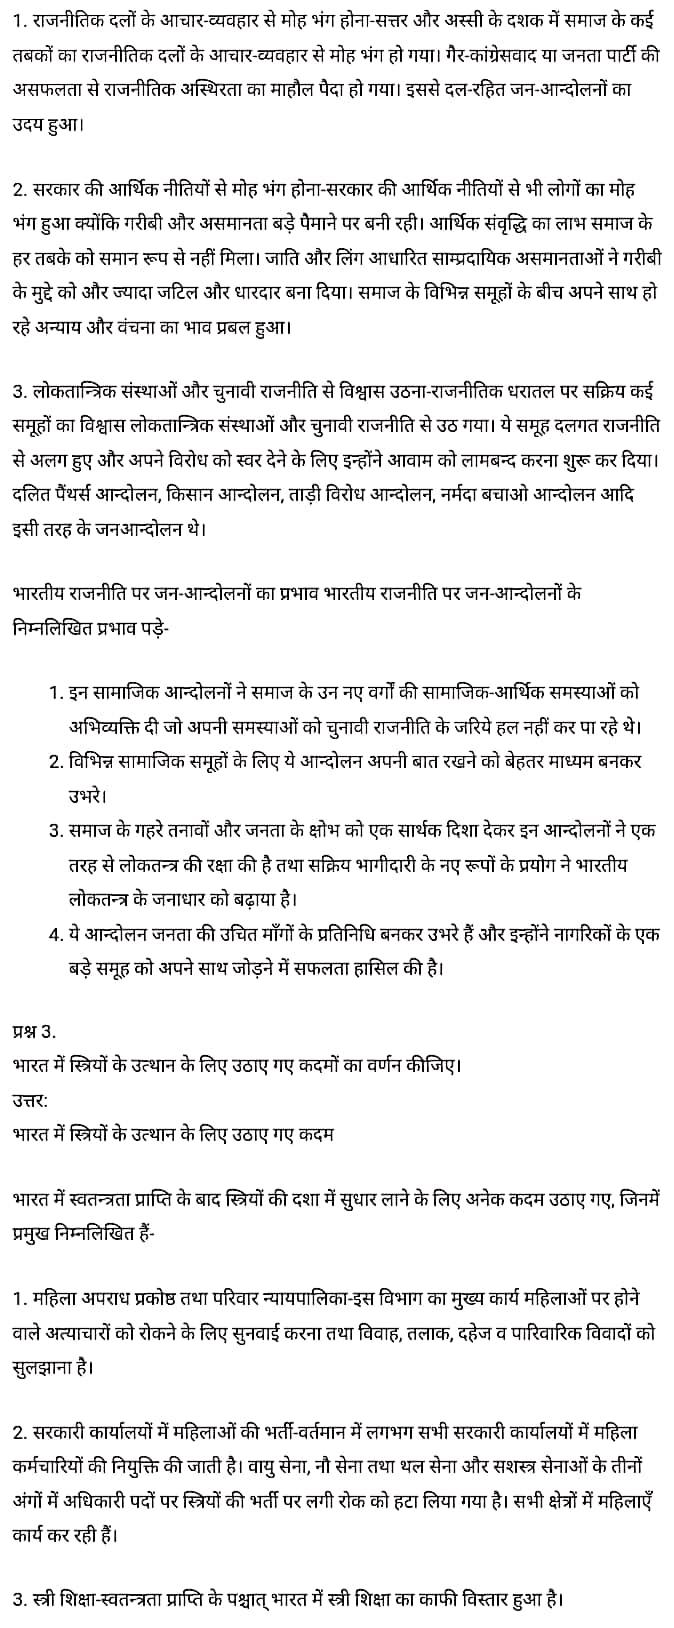 सिविक्स कक्षा 12 नोट्स pdf,  सिविक्स कक्षा 12 नोट्स 2020 NCERT,  सिविक्स कक्षा 12 PDF,  सिविक्स पुस्तक,  सिविक्स की बुक,  सिविक्स प्रश्नोत्तरी Class 12, 12 वीं सिविक्स पुस्तक RBSE,  बिहार बोर्ड 12 वीं सिविक्स नोट्स,   12th Civics book in hindi,12th Civics notes in hindi,cbse books for class 12,cbse books in hindi,cbse ncert books,class 12 Civics notes in hindi,class 12 hindi ncert solutions,Civics 2020,Civics 2021,Civics 2022,Civics book class 12,Civics book in hindi,Civics class 12 in hindi,Civics notes for class 12 up board in hindi,ncert all books,ncert app in hindi,ncert book solution,ncert books class 10,ncert books class 12,ncert books for class 7,ncert books for upsc in hindi,ncert books in hindi class 10,ncert books in hindi for class 12 Civics,ncert books in hindi for class 6,ncert books in hindi pdf,ncert class 12 hindi book,ncert english book,ncert Civics book in hindi,ncert Civics books in hindi pdf,ncert Civics class 12,ncert in hindi,old ncert books in hindi,online ncert books in hindi,up board 12th,up board 12th syllabus,up board class 10 hindi book,up board class 12 books,up board class 12 new syllabus,up Board Civics 2020,up Board Civics 2021,up Board Civics 2022,up Board Civics 2023,up board intermediate Civics syllabus,up board intermediate syllabus 2021,Up board Master 2021,up board model paper 2021,up board model paper all subject,up board new syllabus of class 12th Civics,up board paper 2021,Up board syllabus 2021,UP board syllabus 2022,